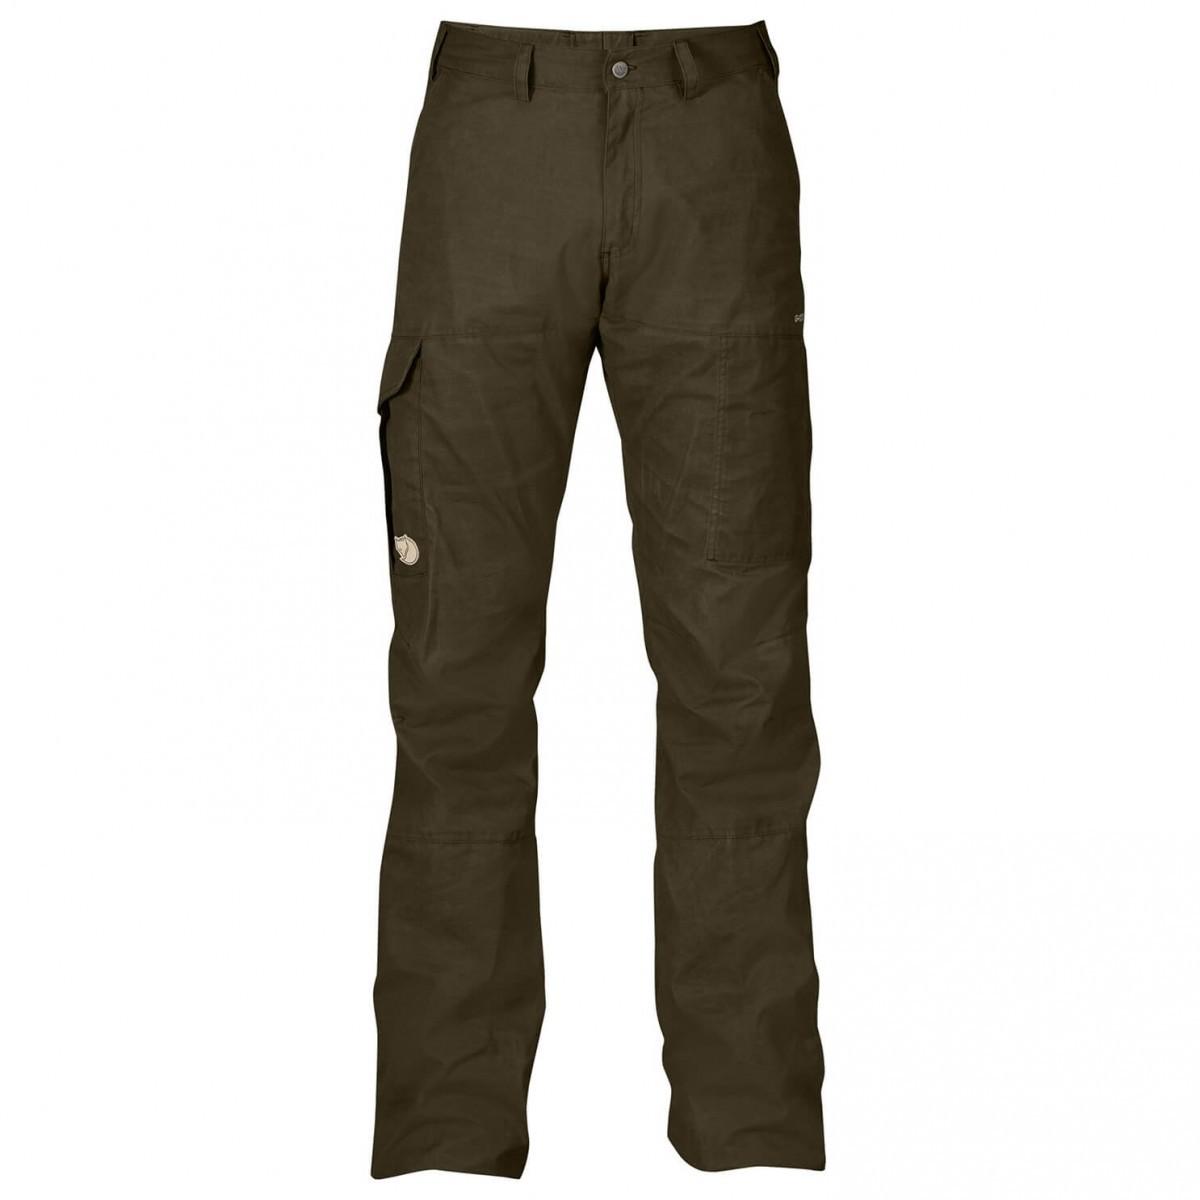 FJALLRAVEN フェールラーベン Karl Pro Trousers パンツ (Dark Olive)